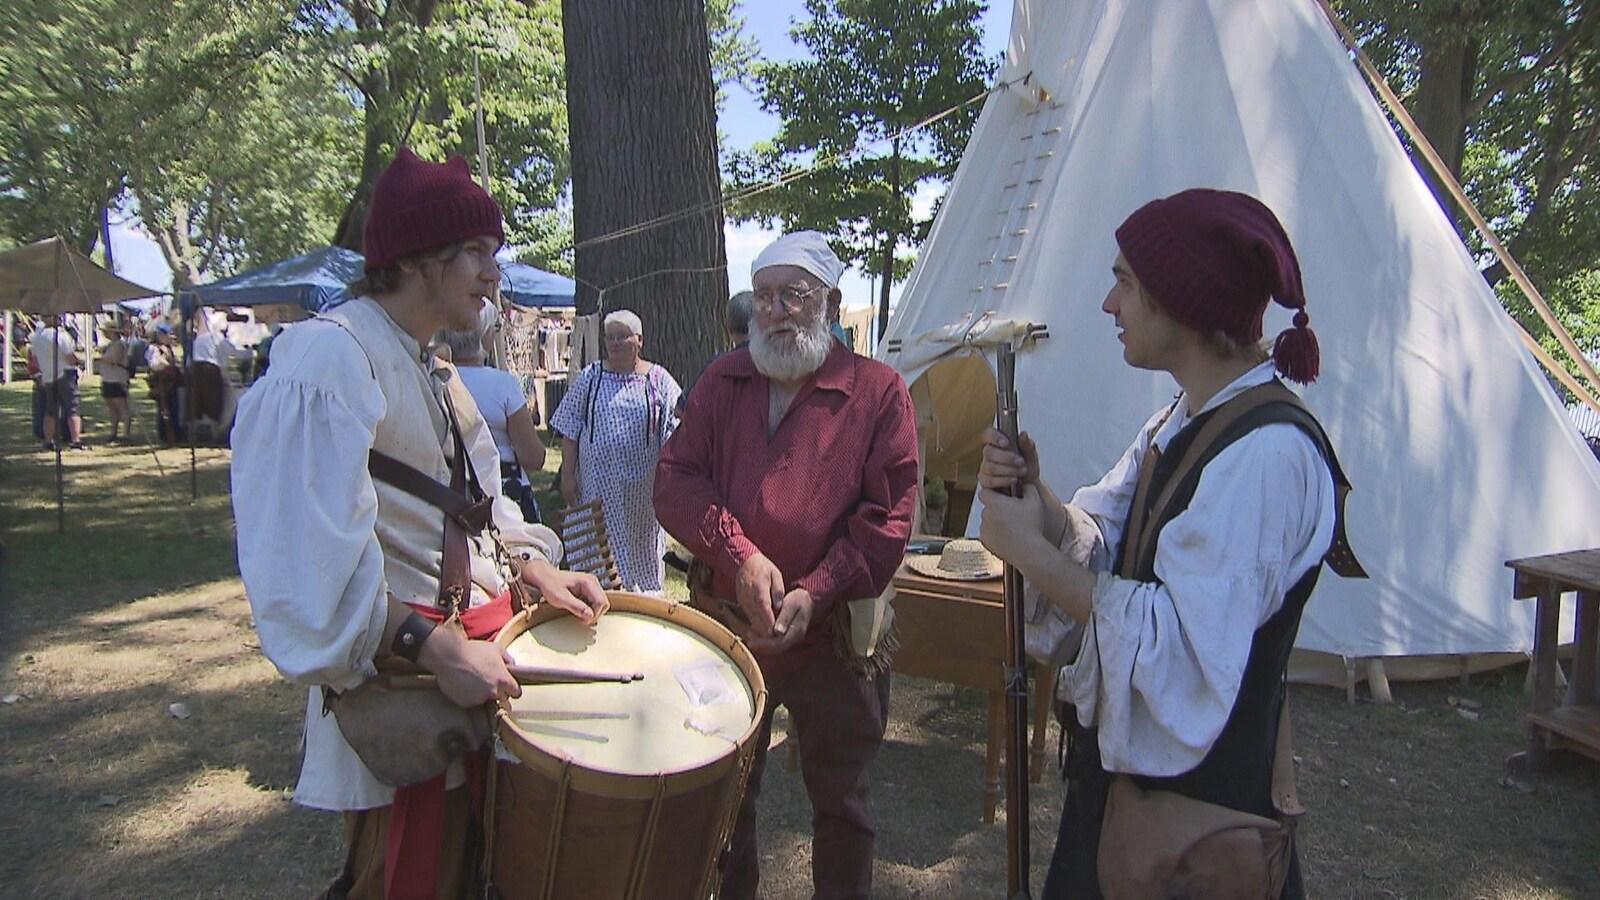 Trois hommes discutent alors qu'ils portent des vêtements de l'époque de la Nouvelle-France.